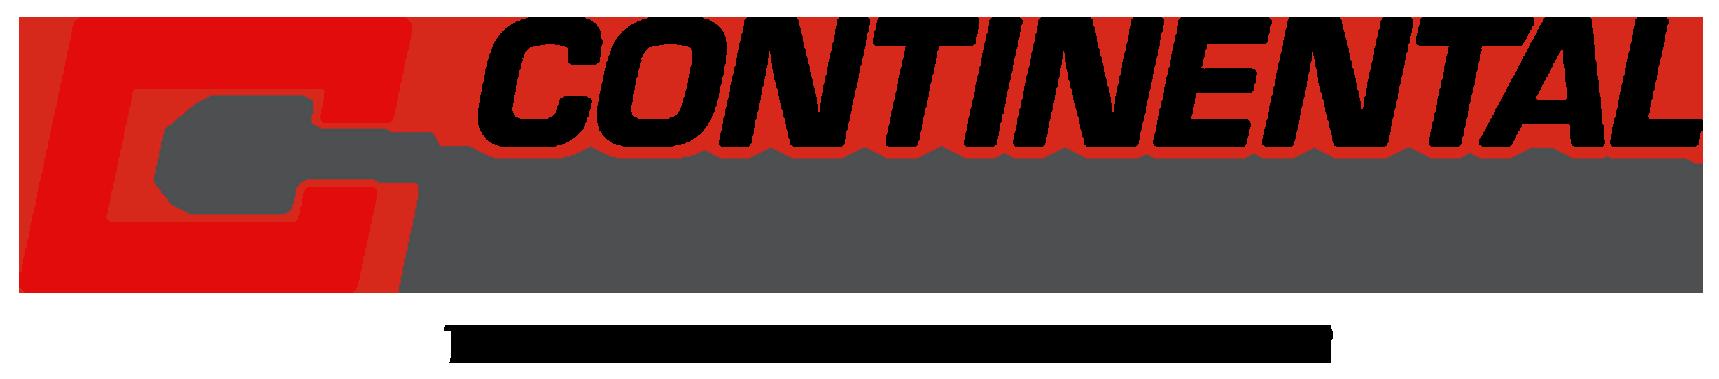 YAN165001-40290